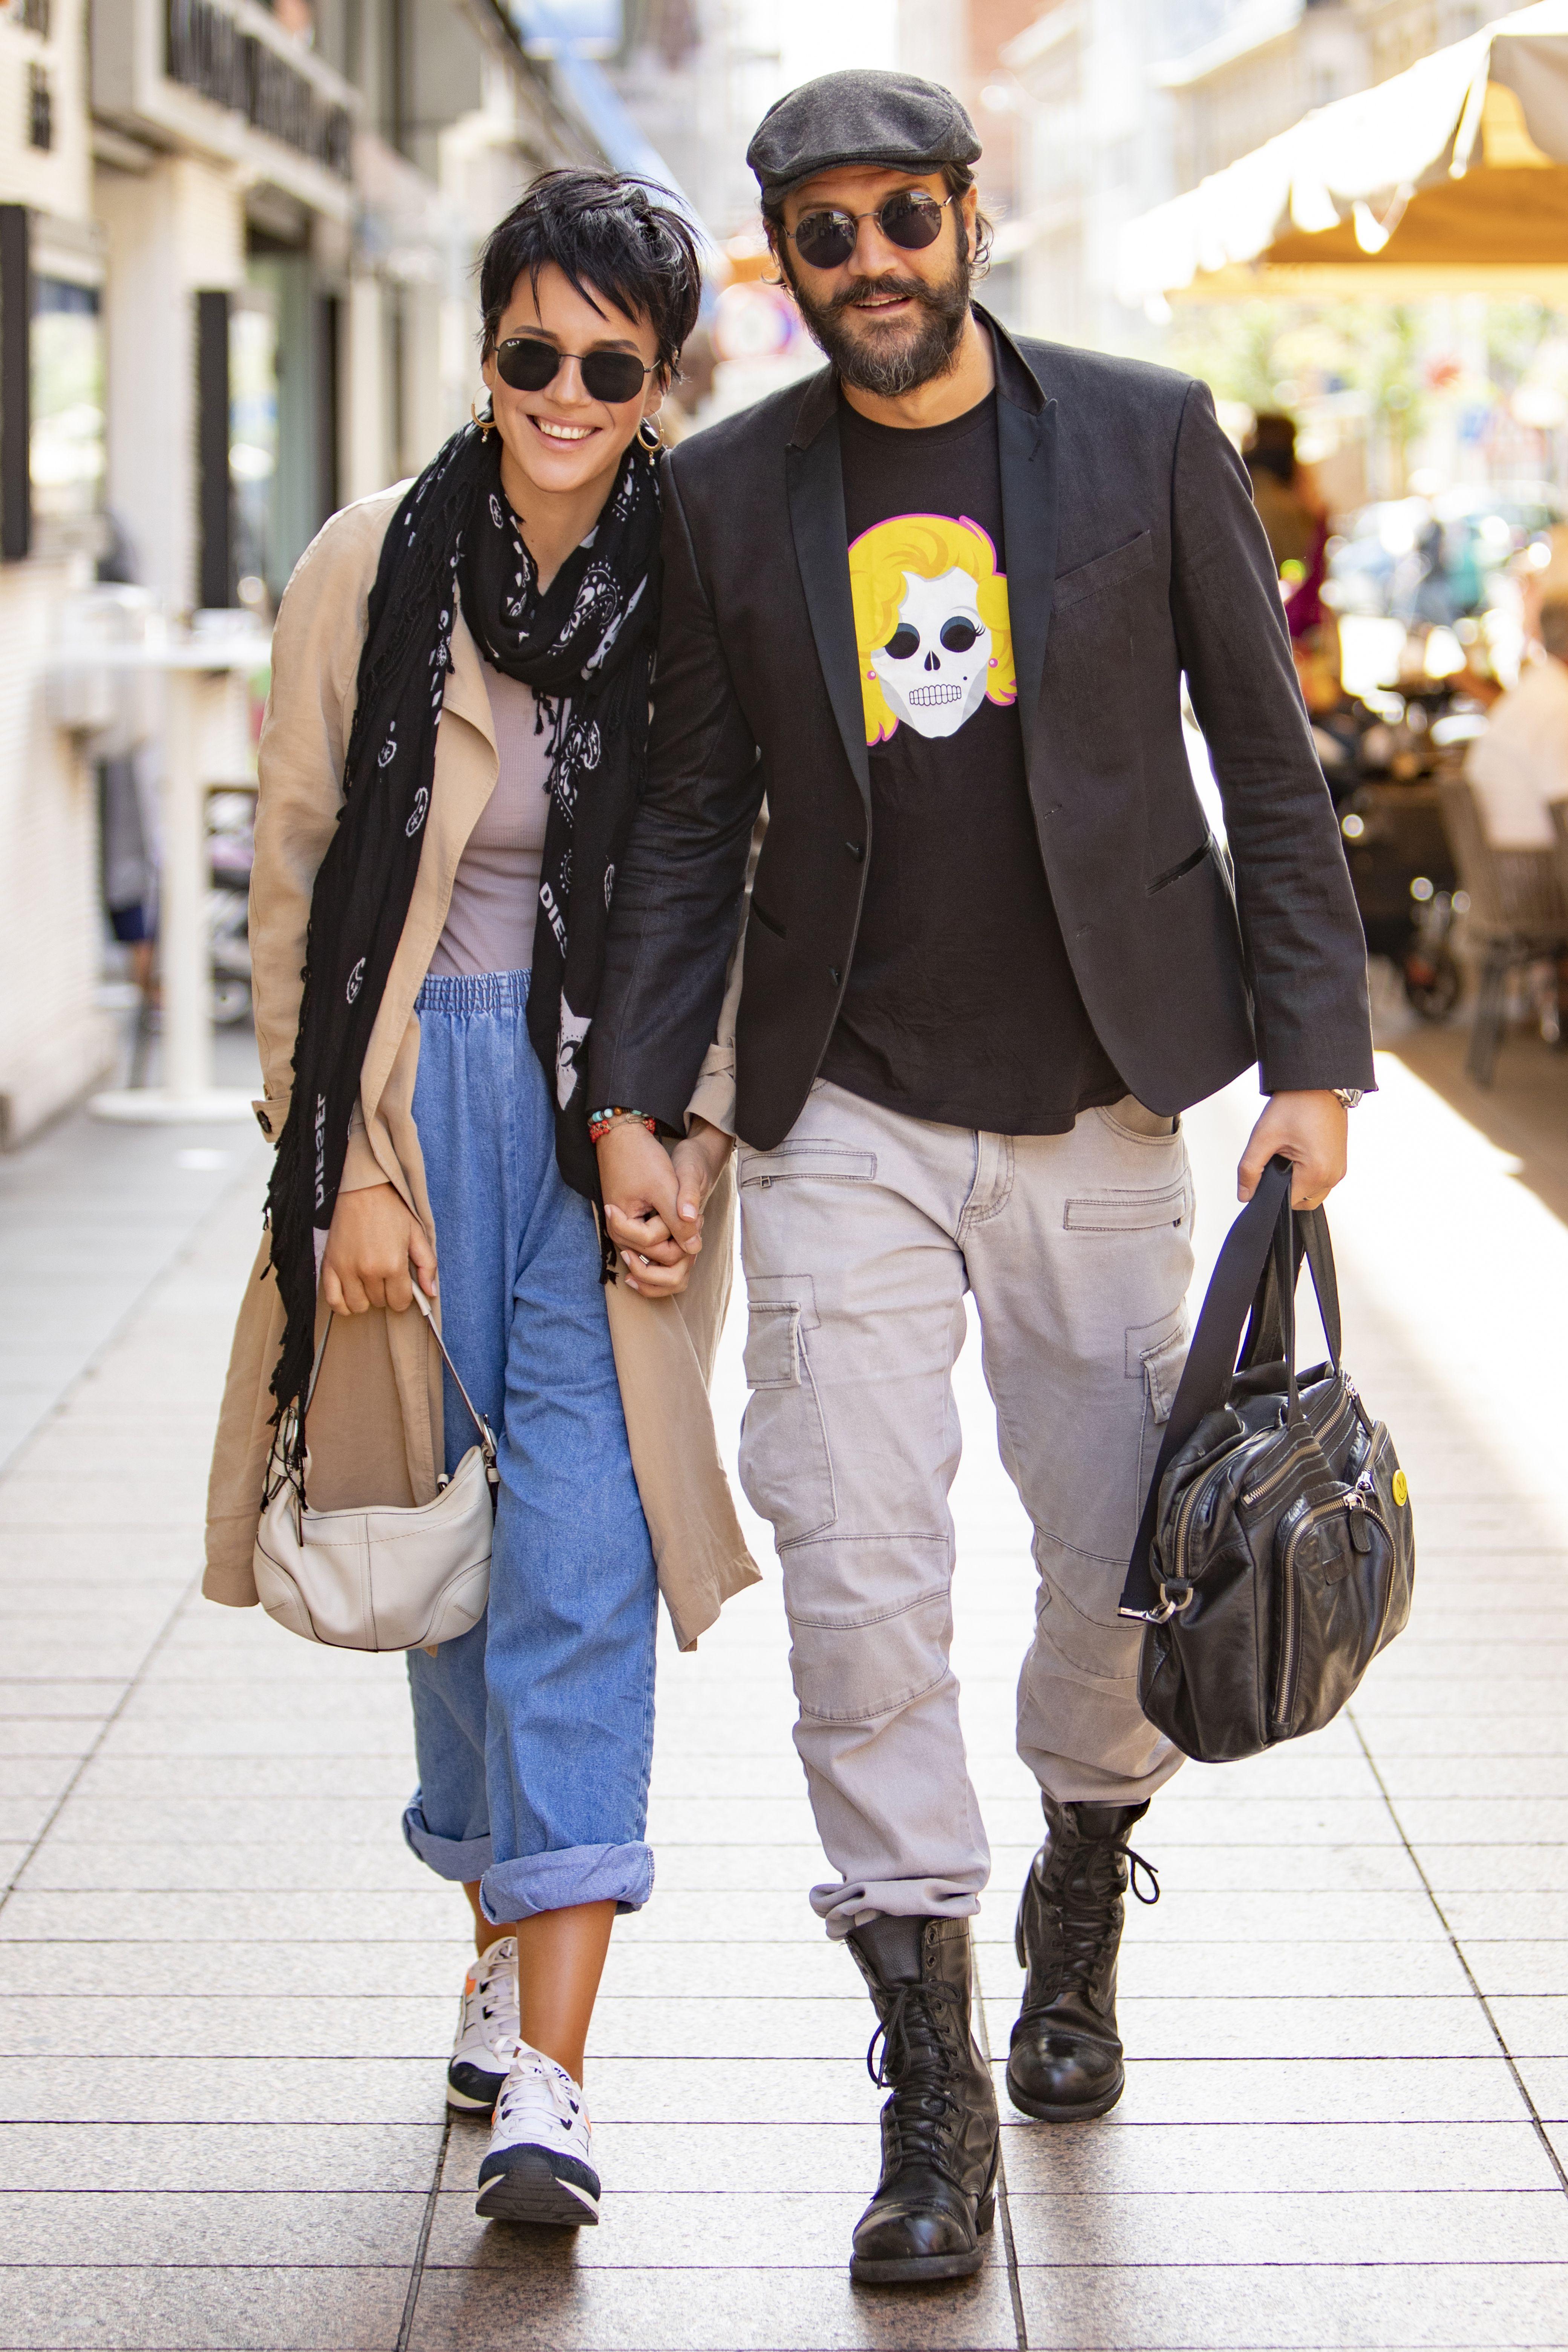 Obožavamo ovaj glumački par: U odličnim kombinacijama uživaju u ljetno-jesenskoj atmosferi